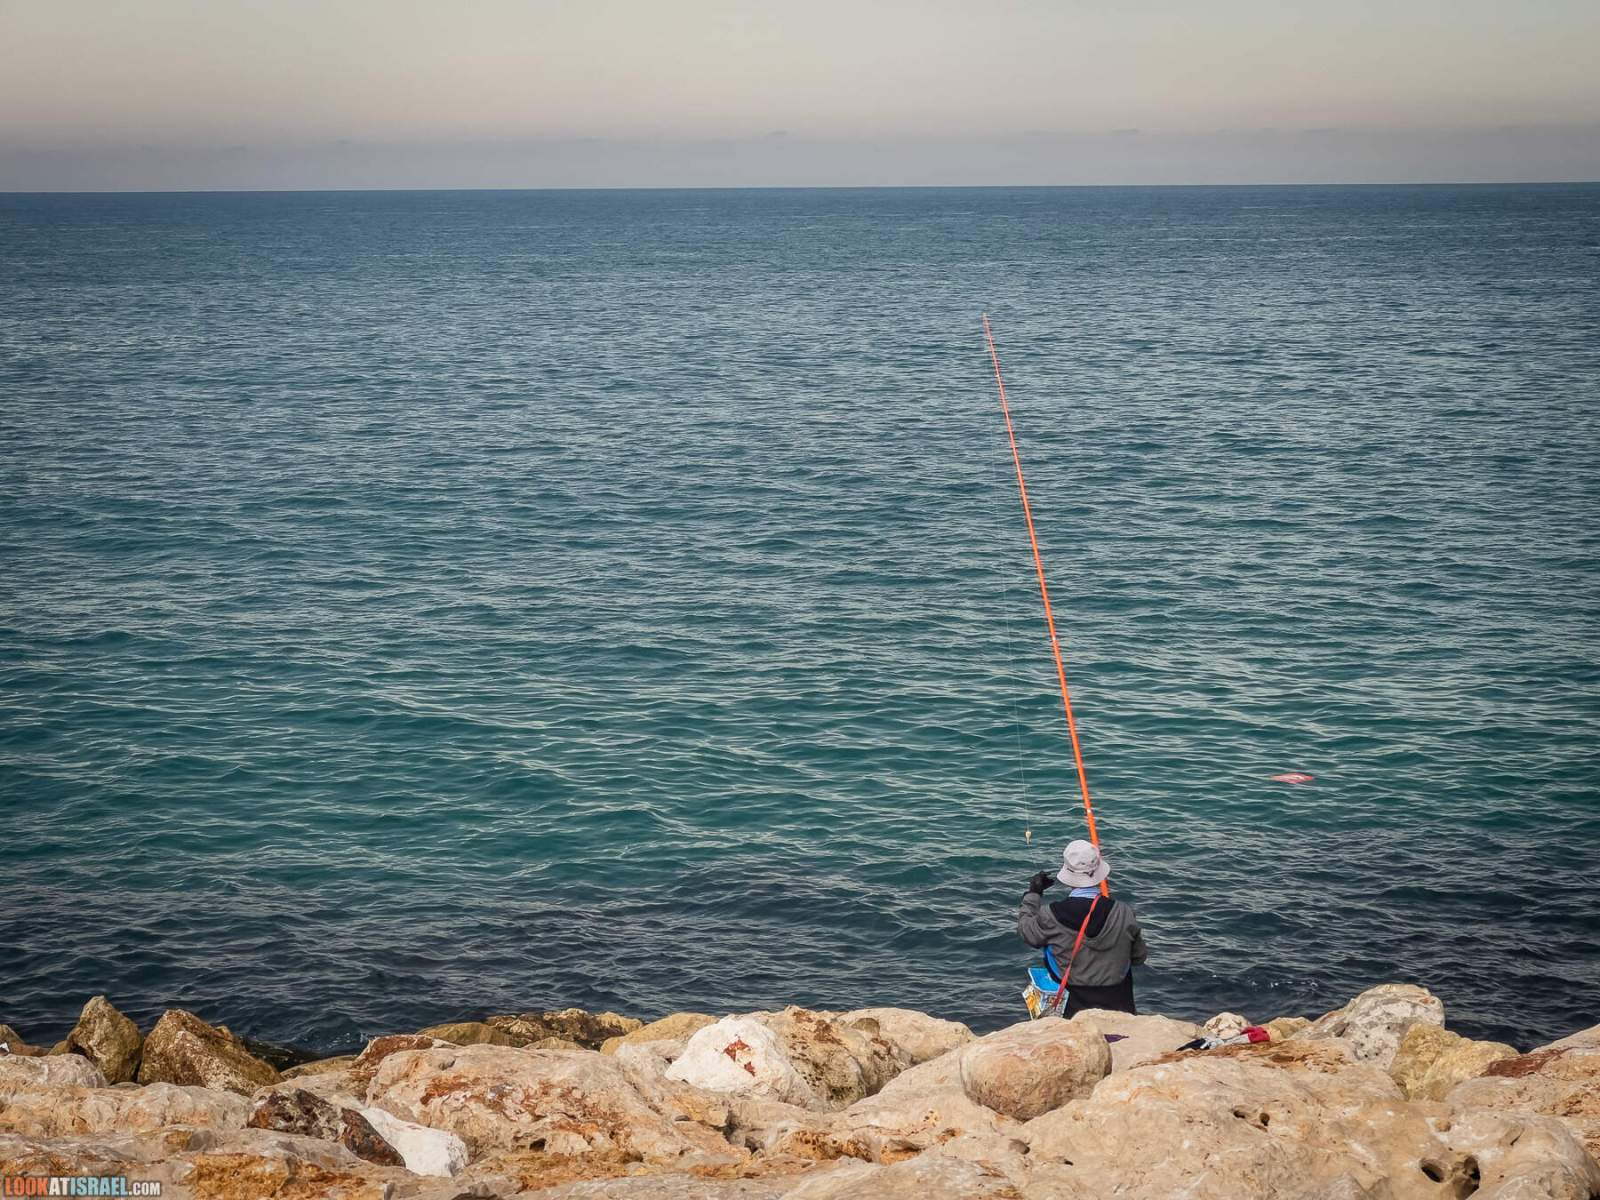 Тель-Авив-Яффо в октябре, порт, старый город, люди | LookAtIsrael.com - Фото путешествия по Израилю